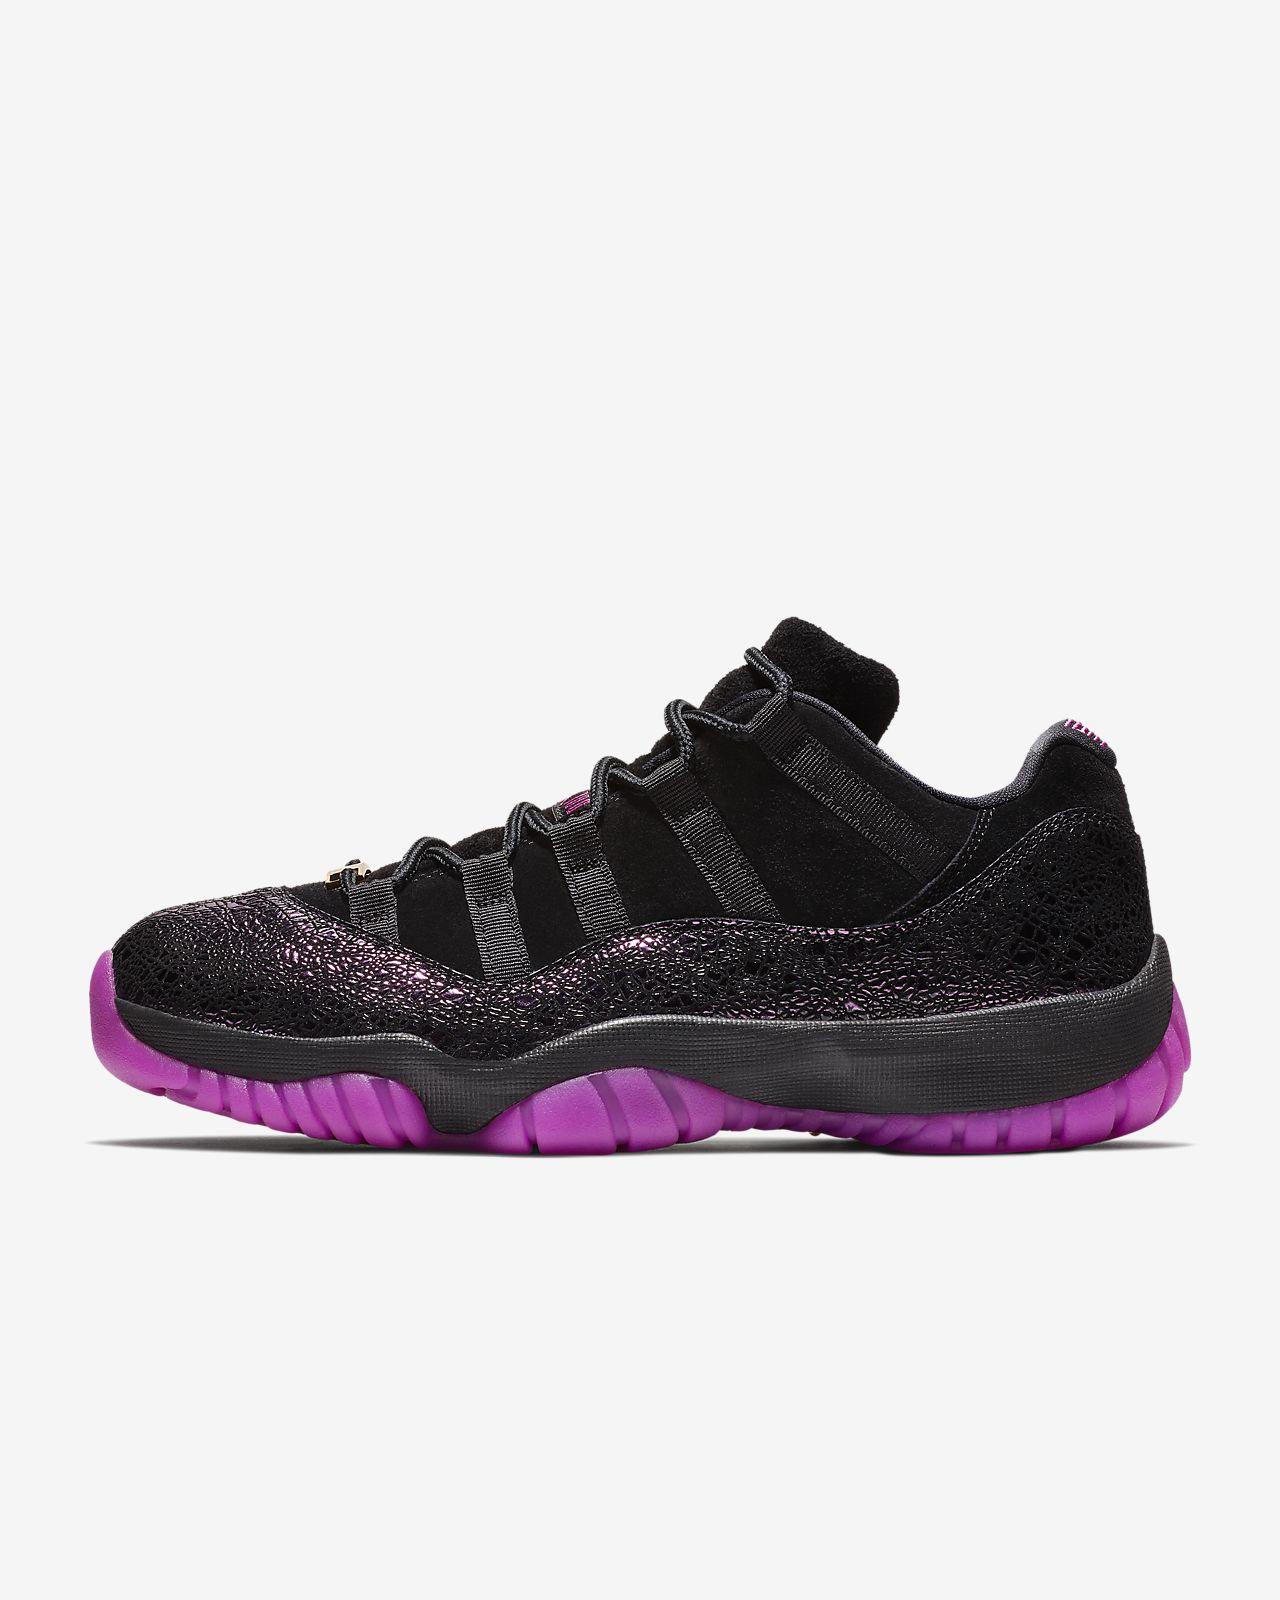 รองเท้าผู้หญิง Air Jordan 11 Low